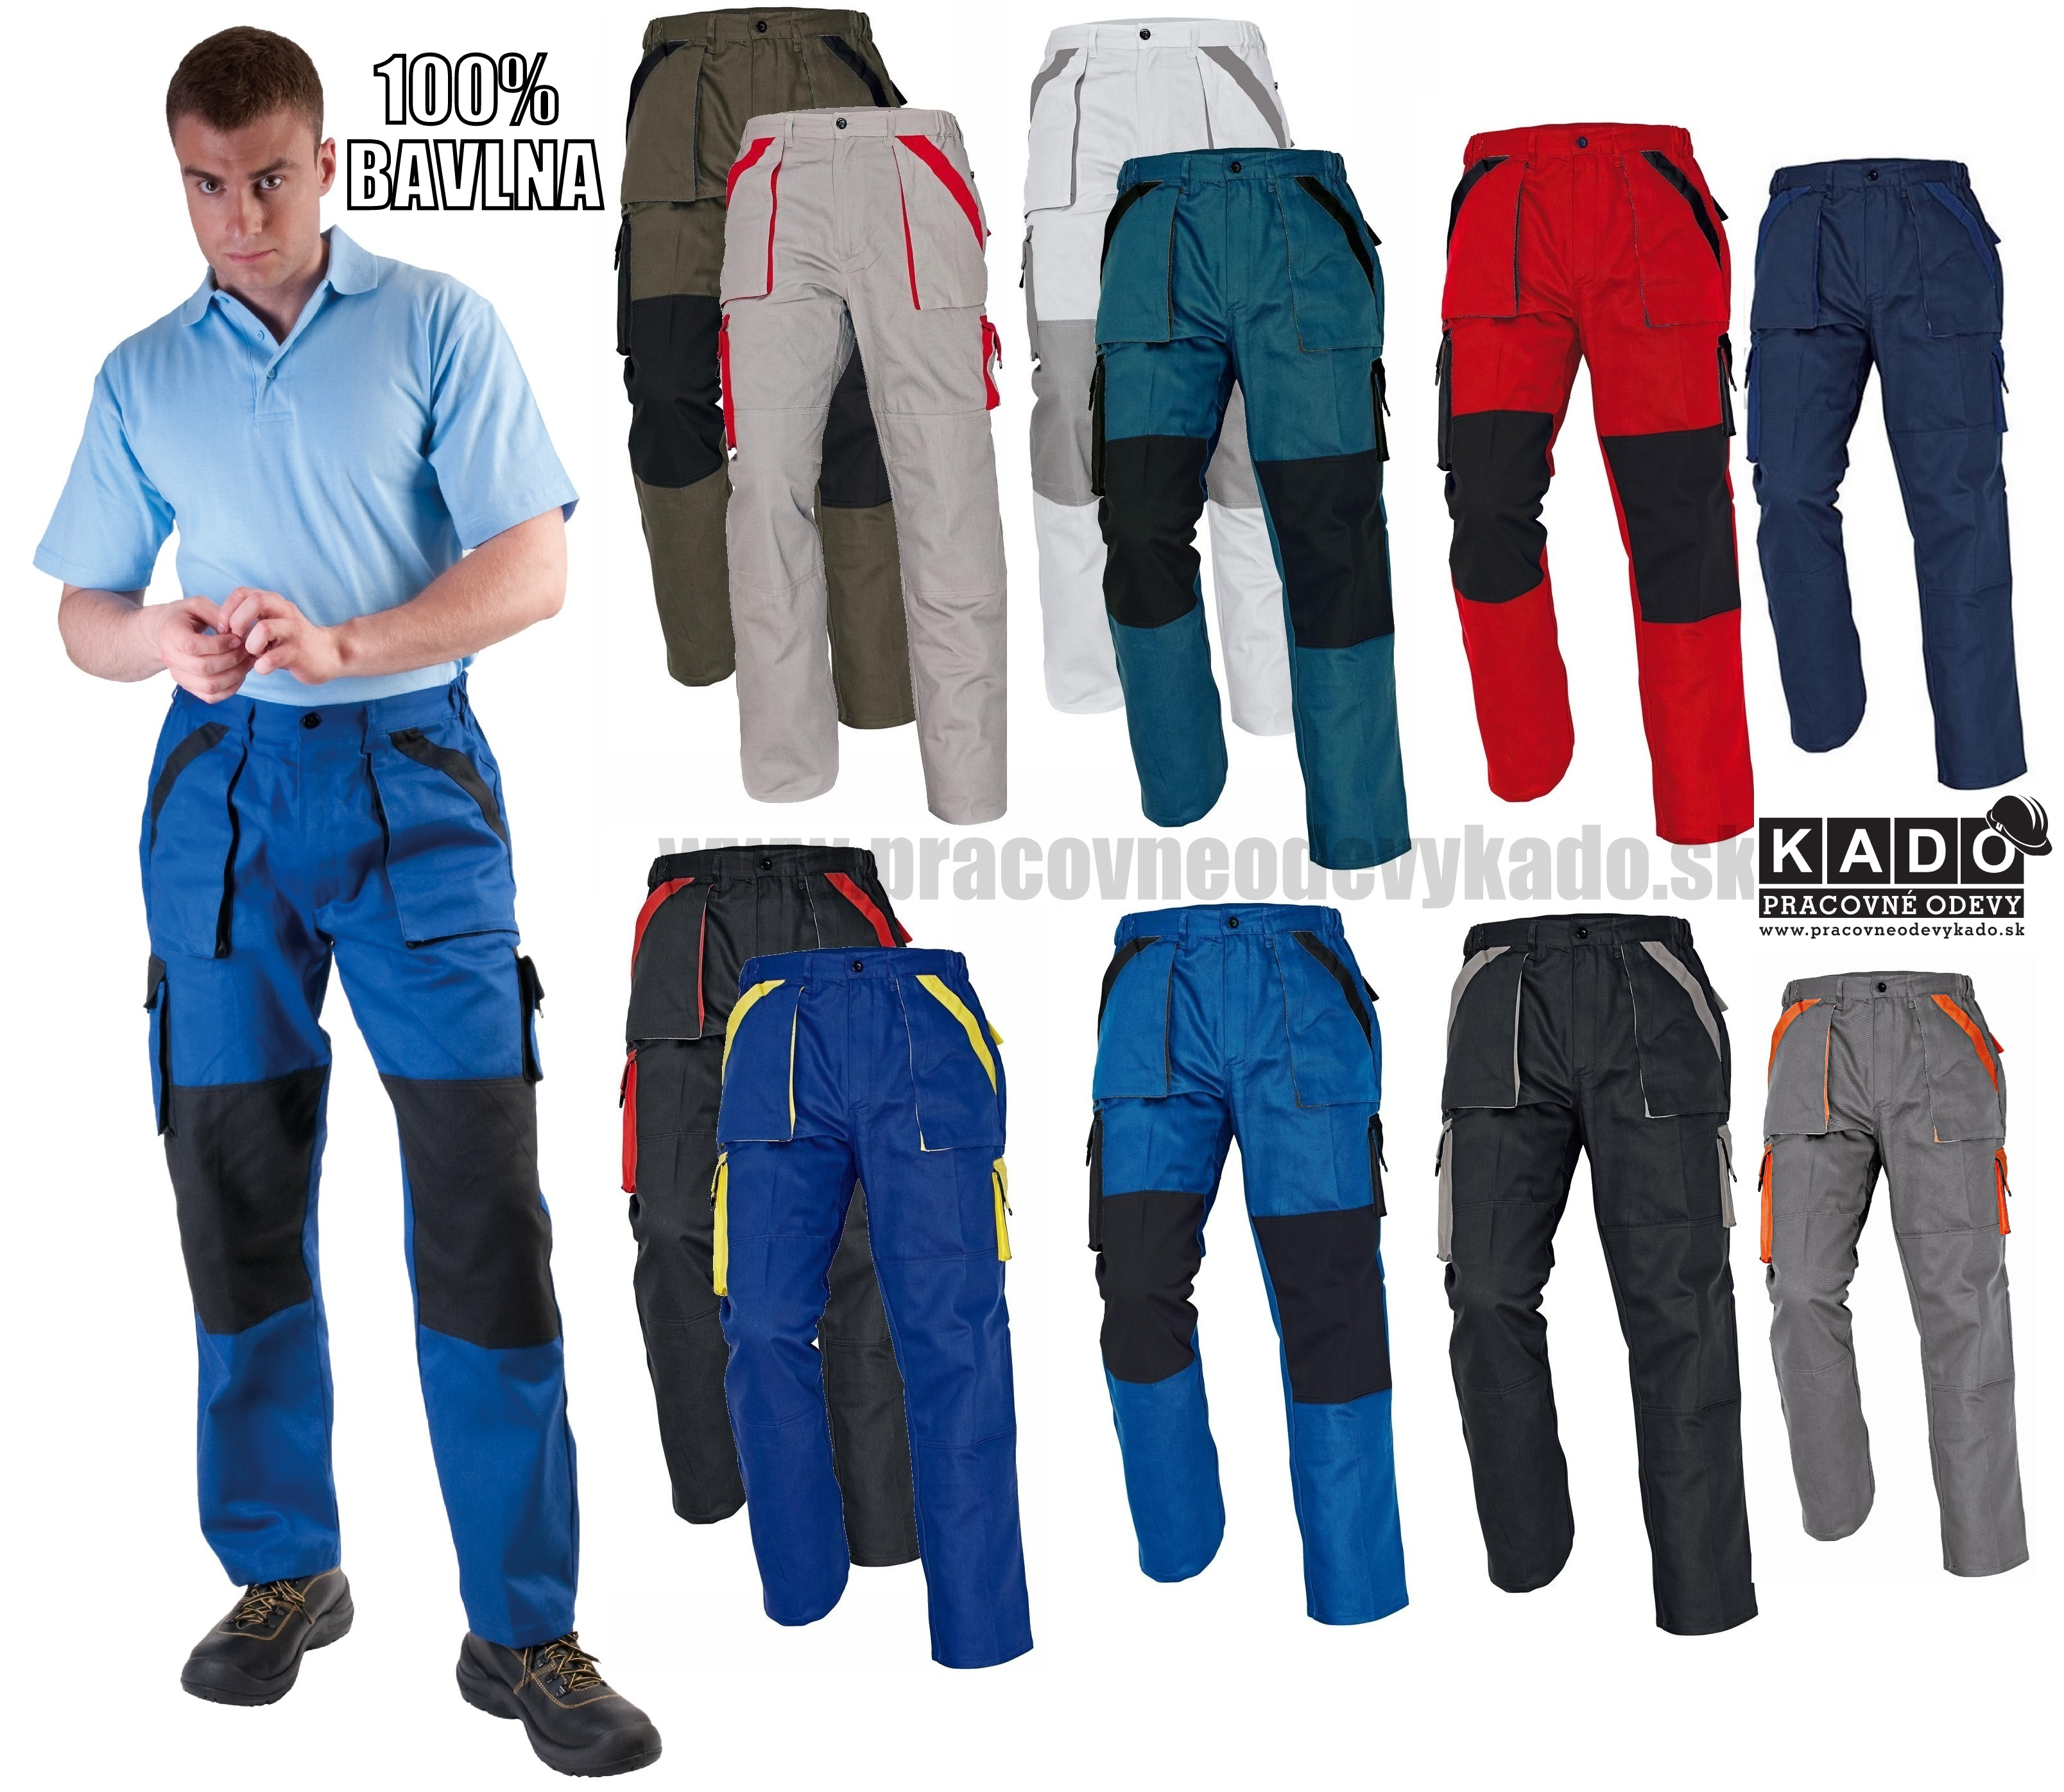 c9e0b16b1 Pracovné odevy - Nohavice MAX do pásu viac farieb